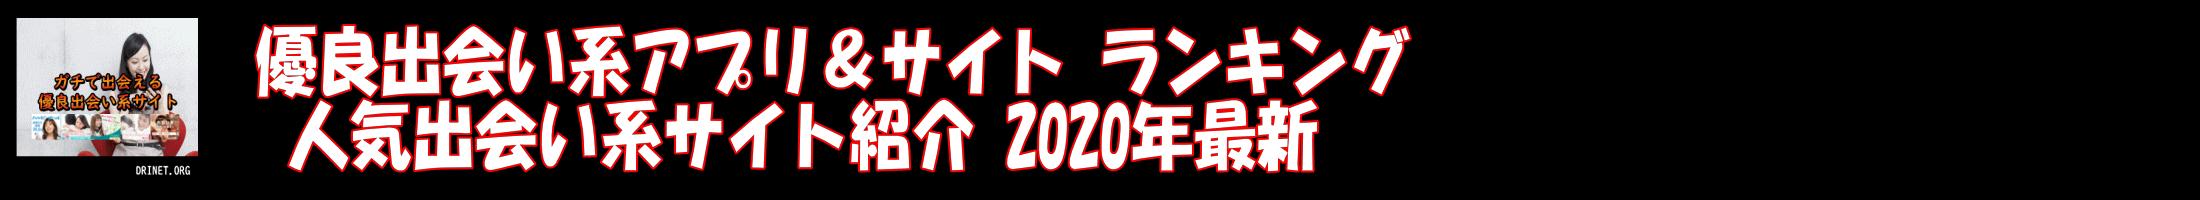 優良出会い系アプリ&サイト ランキング 人気出会い系サイト紹介 2020年最新